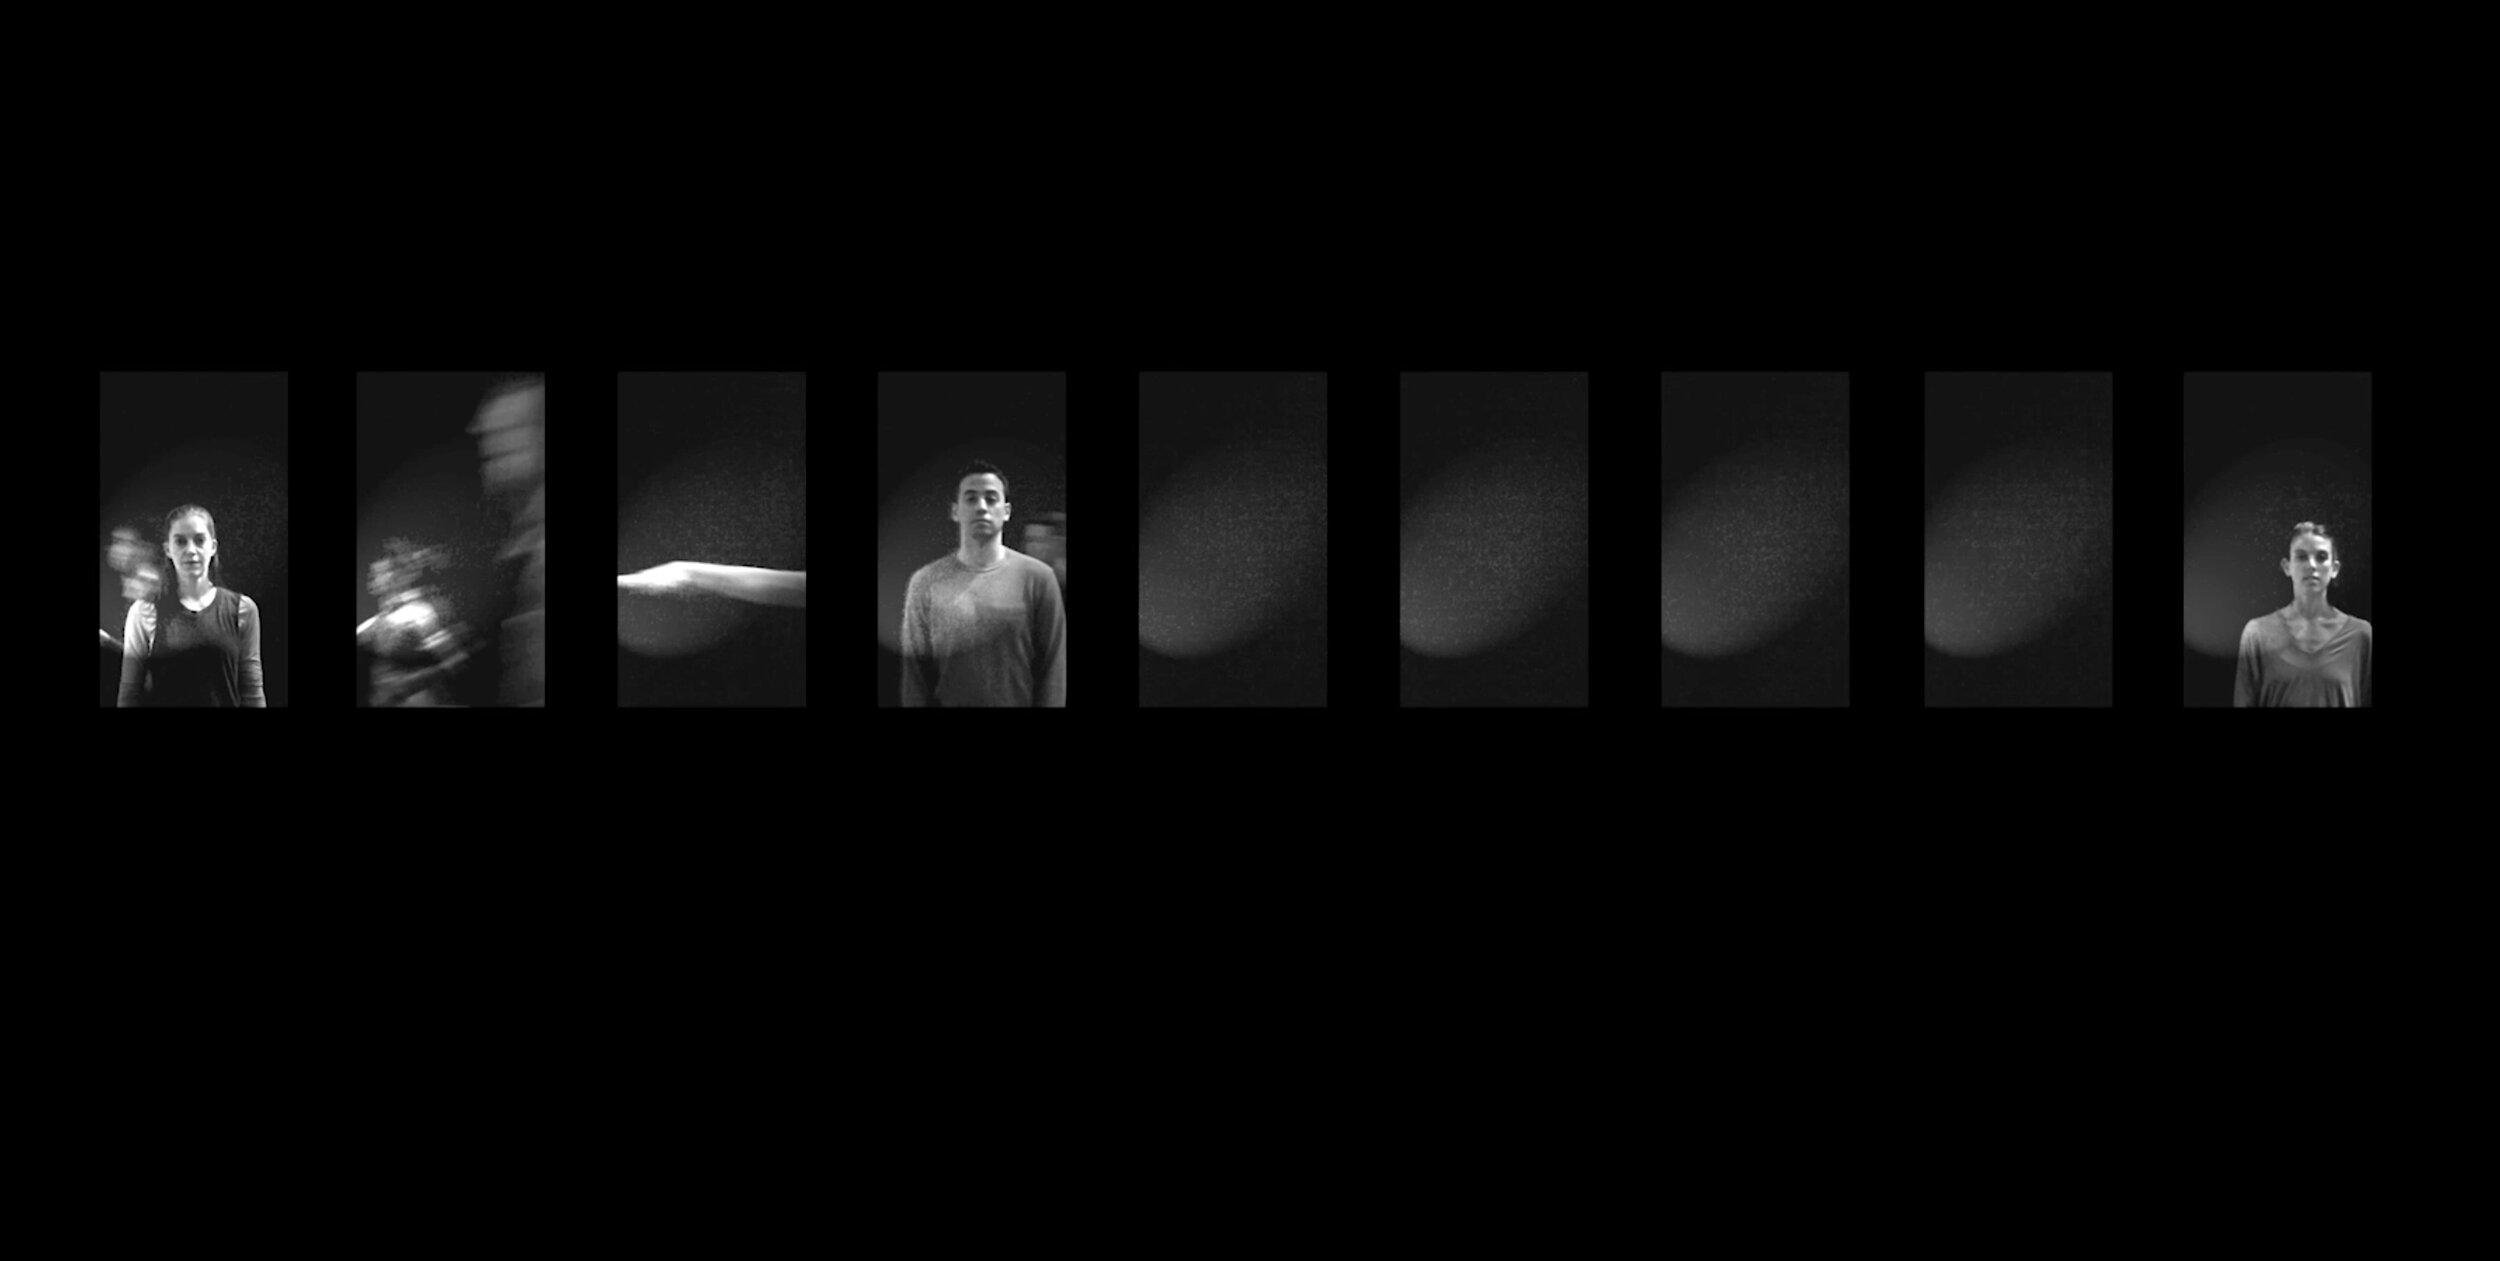 2015©Verburg WATCHING TRISHA BROWN #2- BOWS (excerpt) 4.jpg